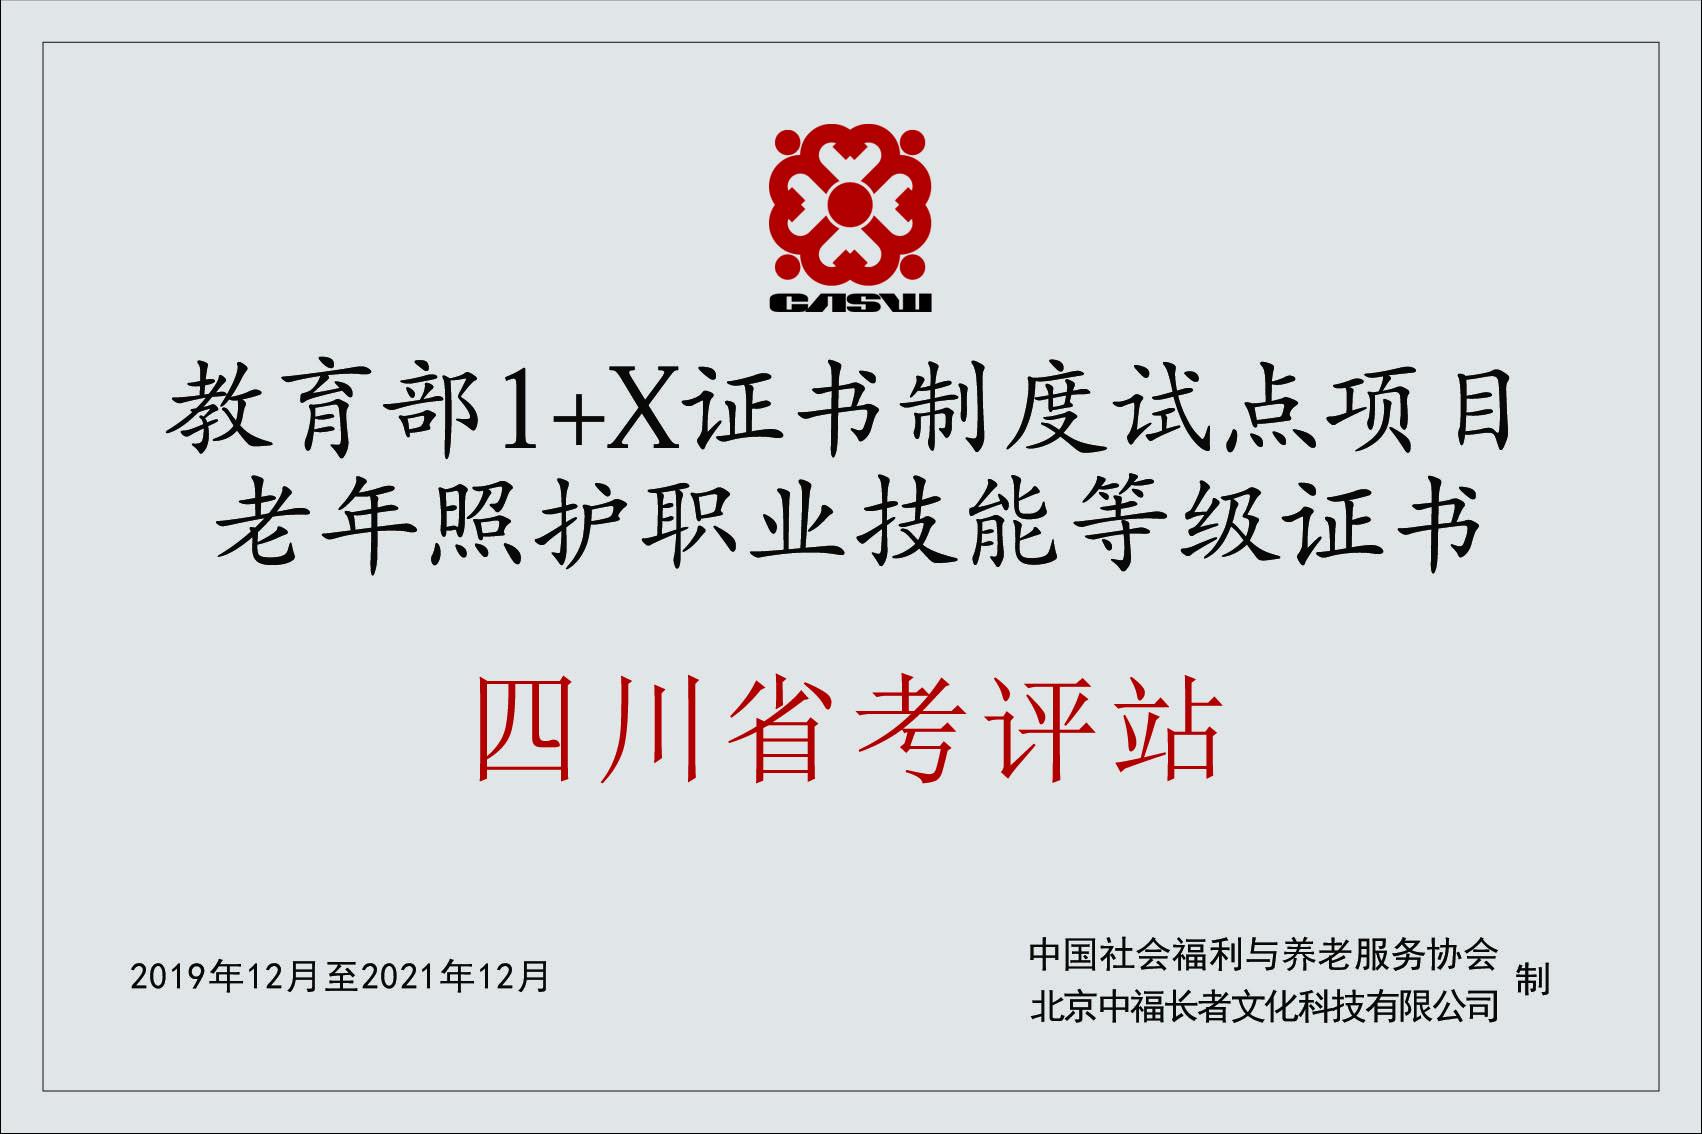 教育部1+X证书试点项目老年照护职业技能等级四川考评站